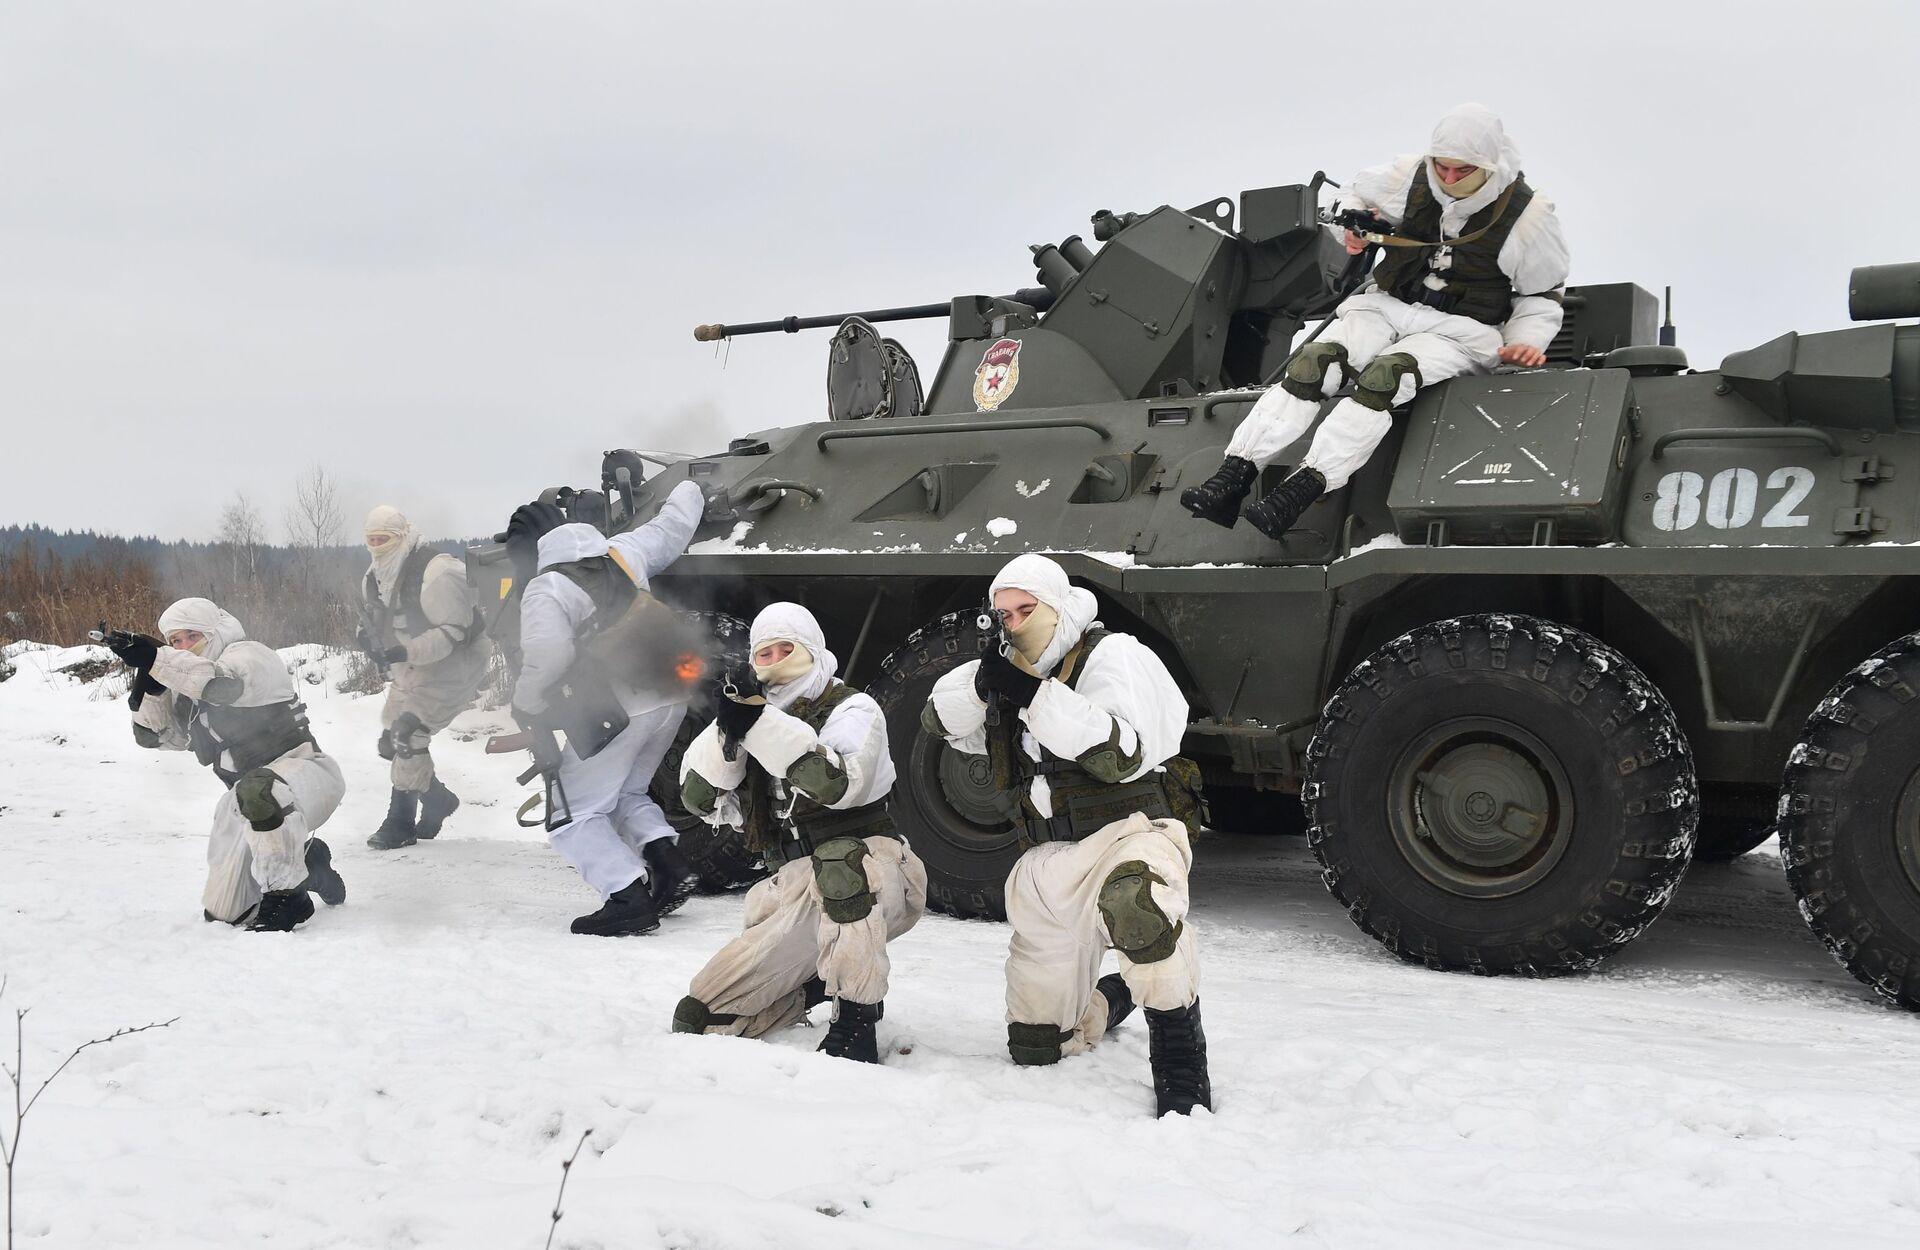 """""""Већ испитано"""": Русија ће штитити северне територије необичним оружјем - Sputnik Србија, 1920, 28.03.2021"""